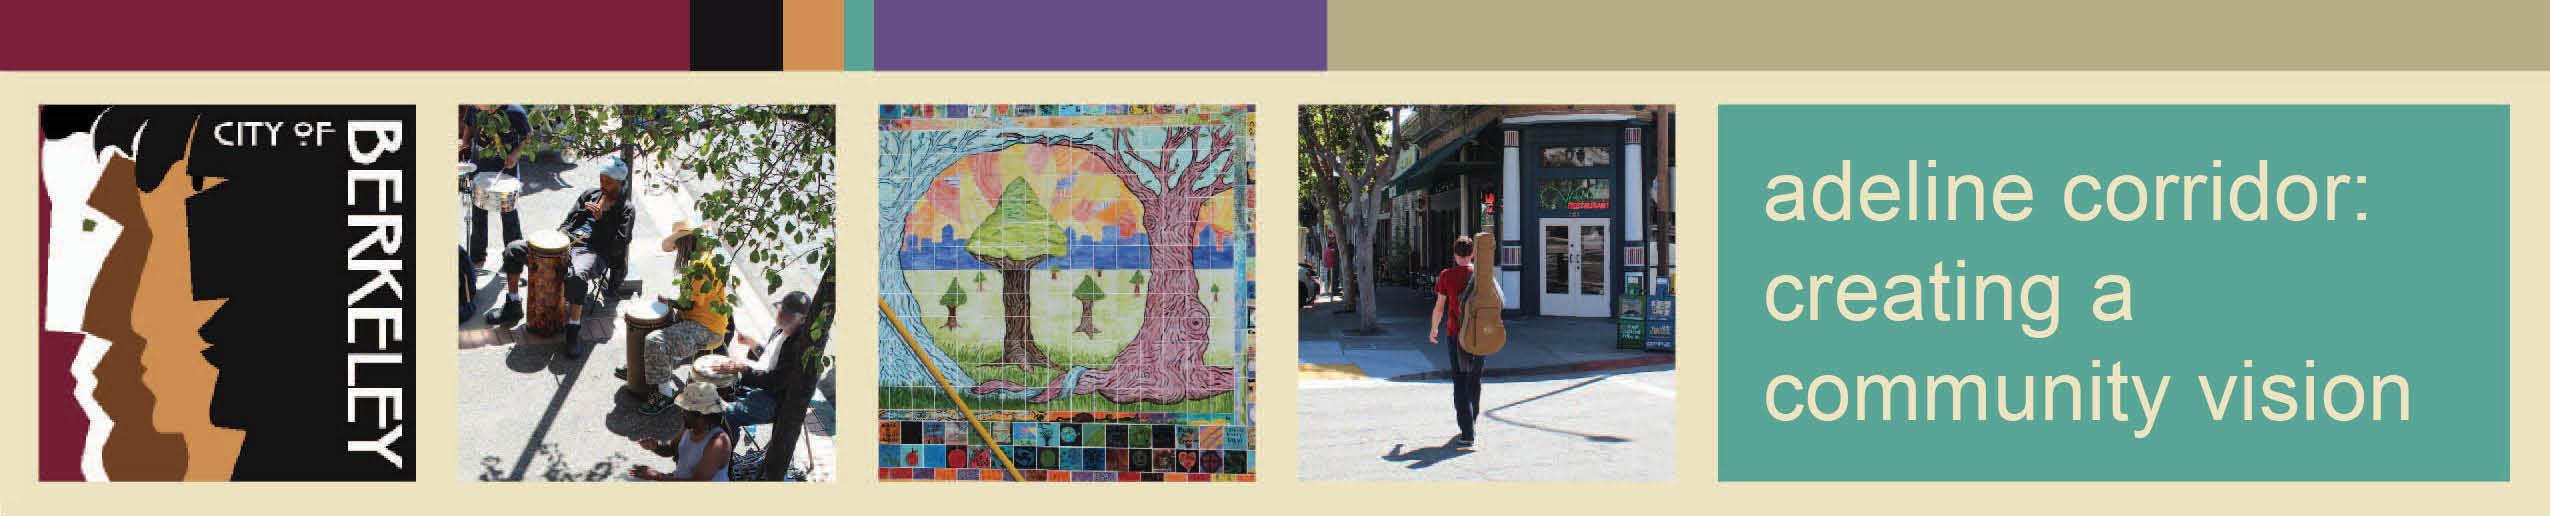 City of Berkeley:Adeline Corridor mix of images